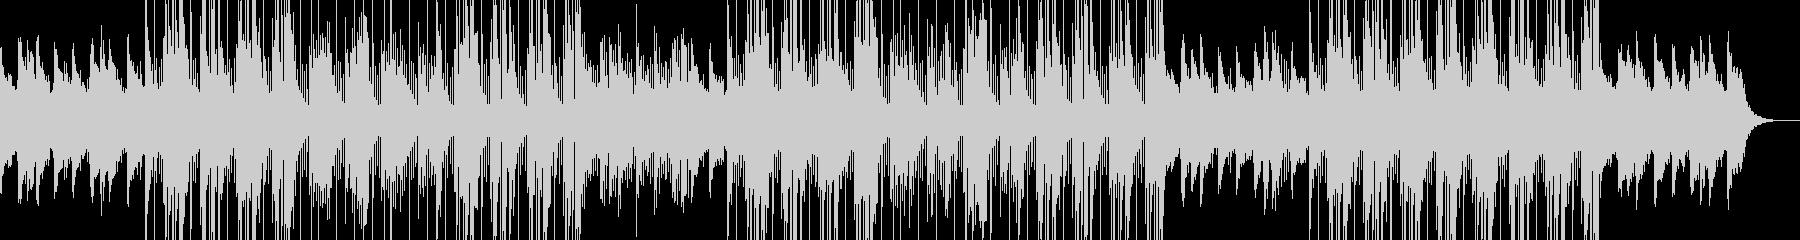 ダークな洋楽トラップビートの未再生の波形